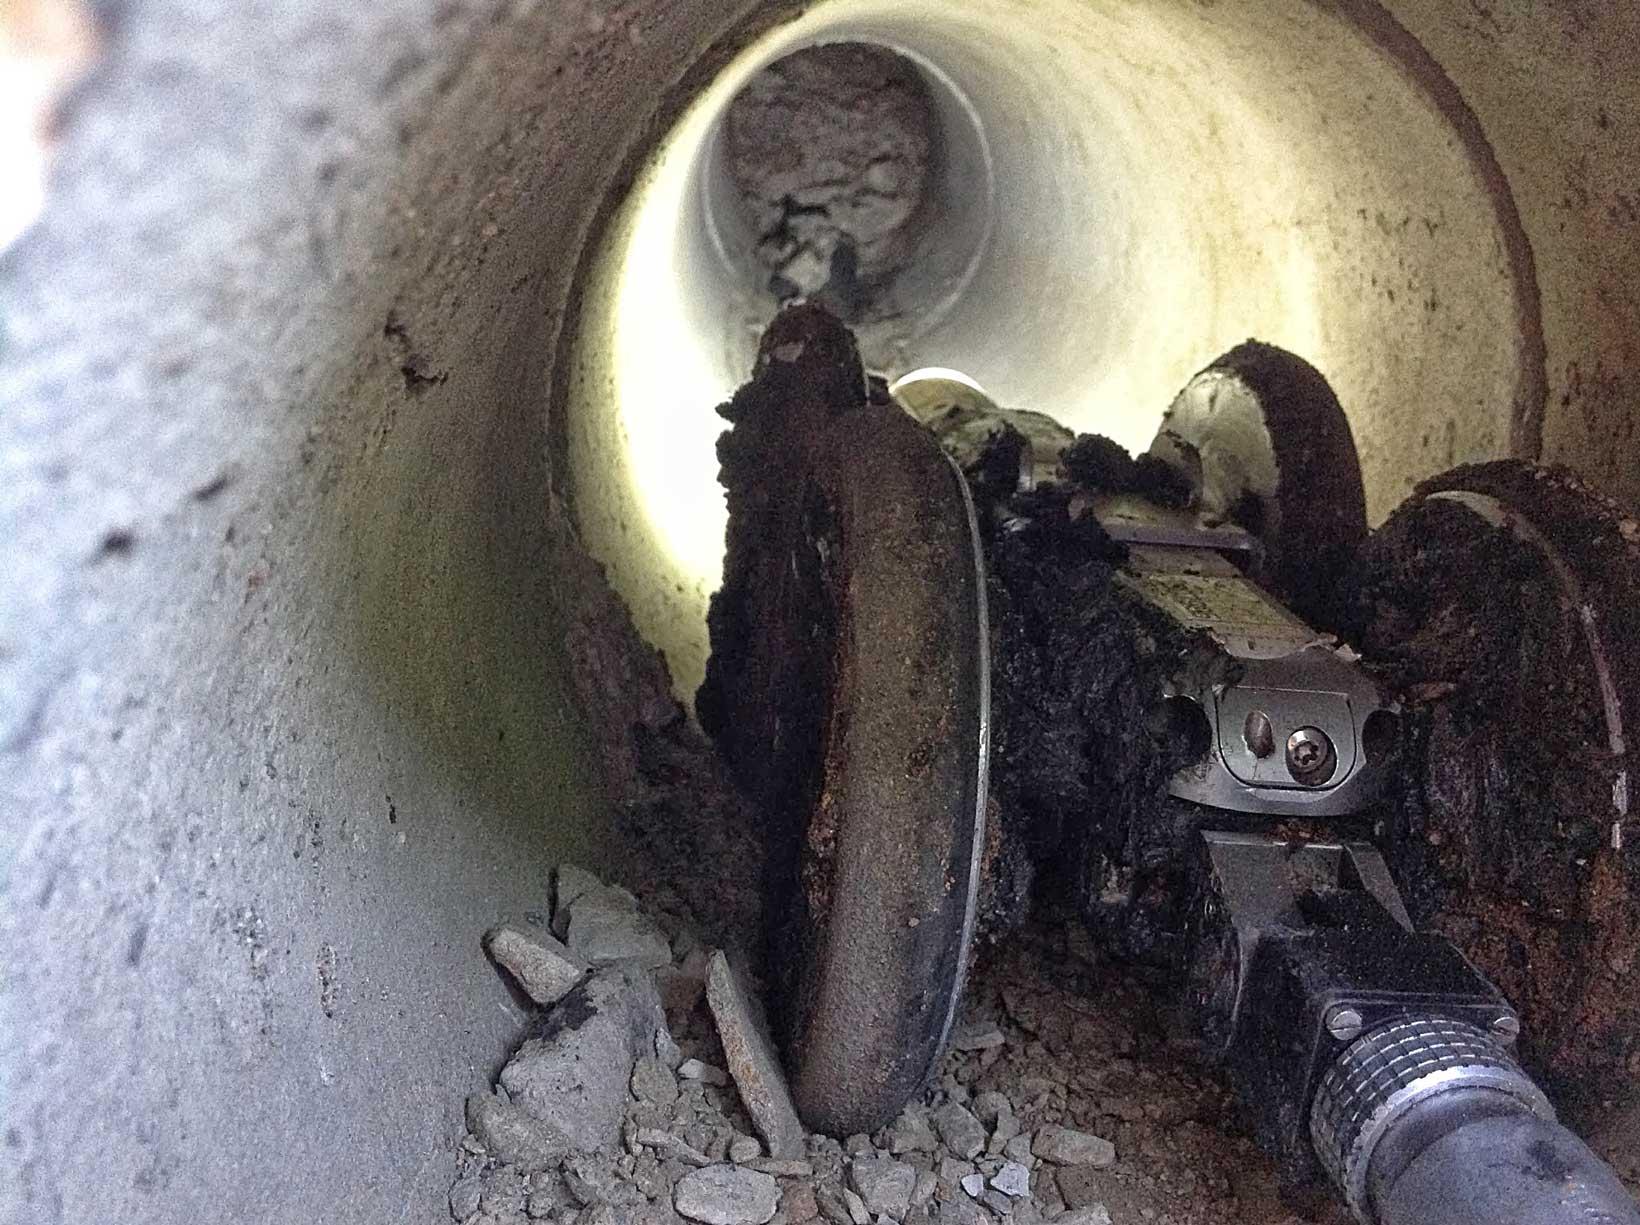 Cámara al inspeccionar tuberías